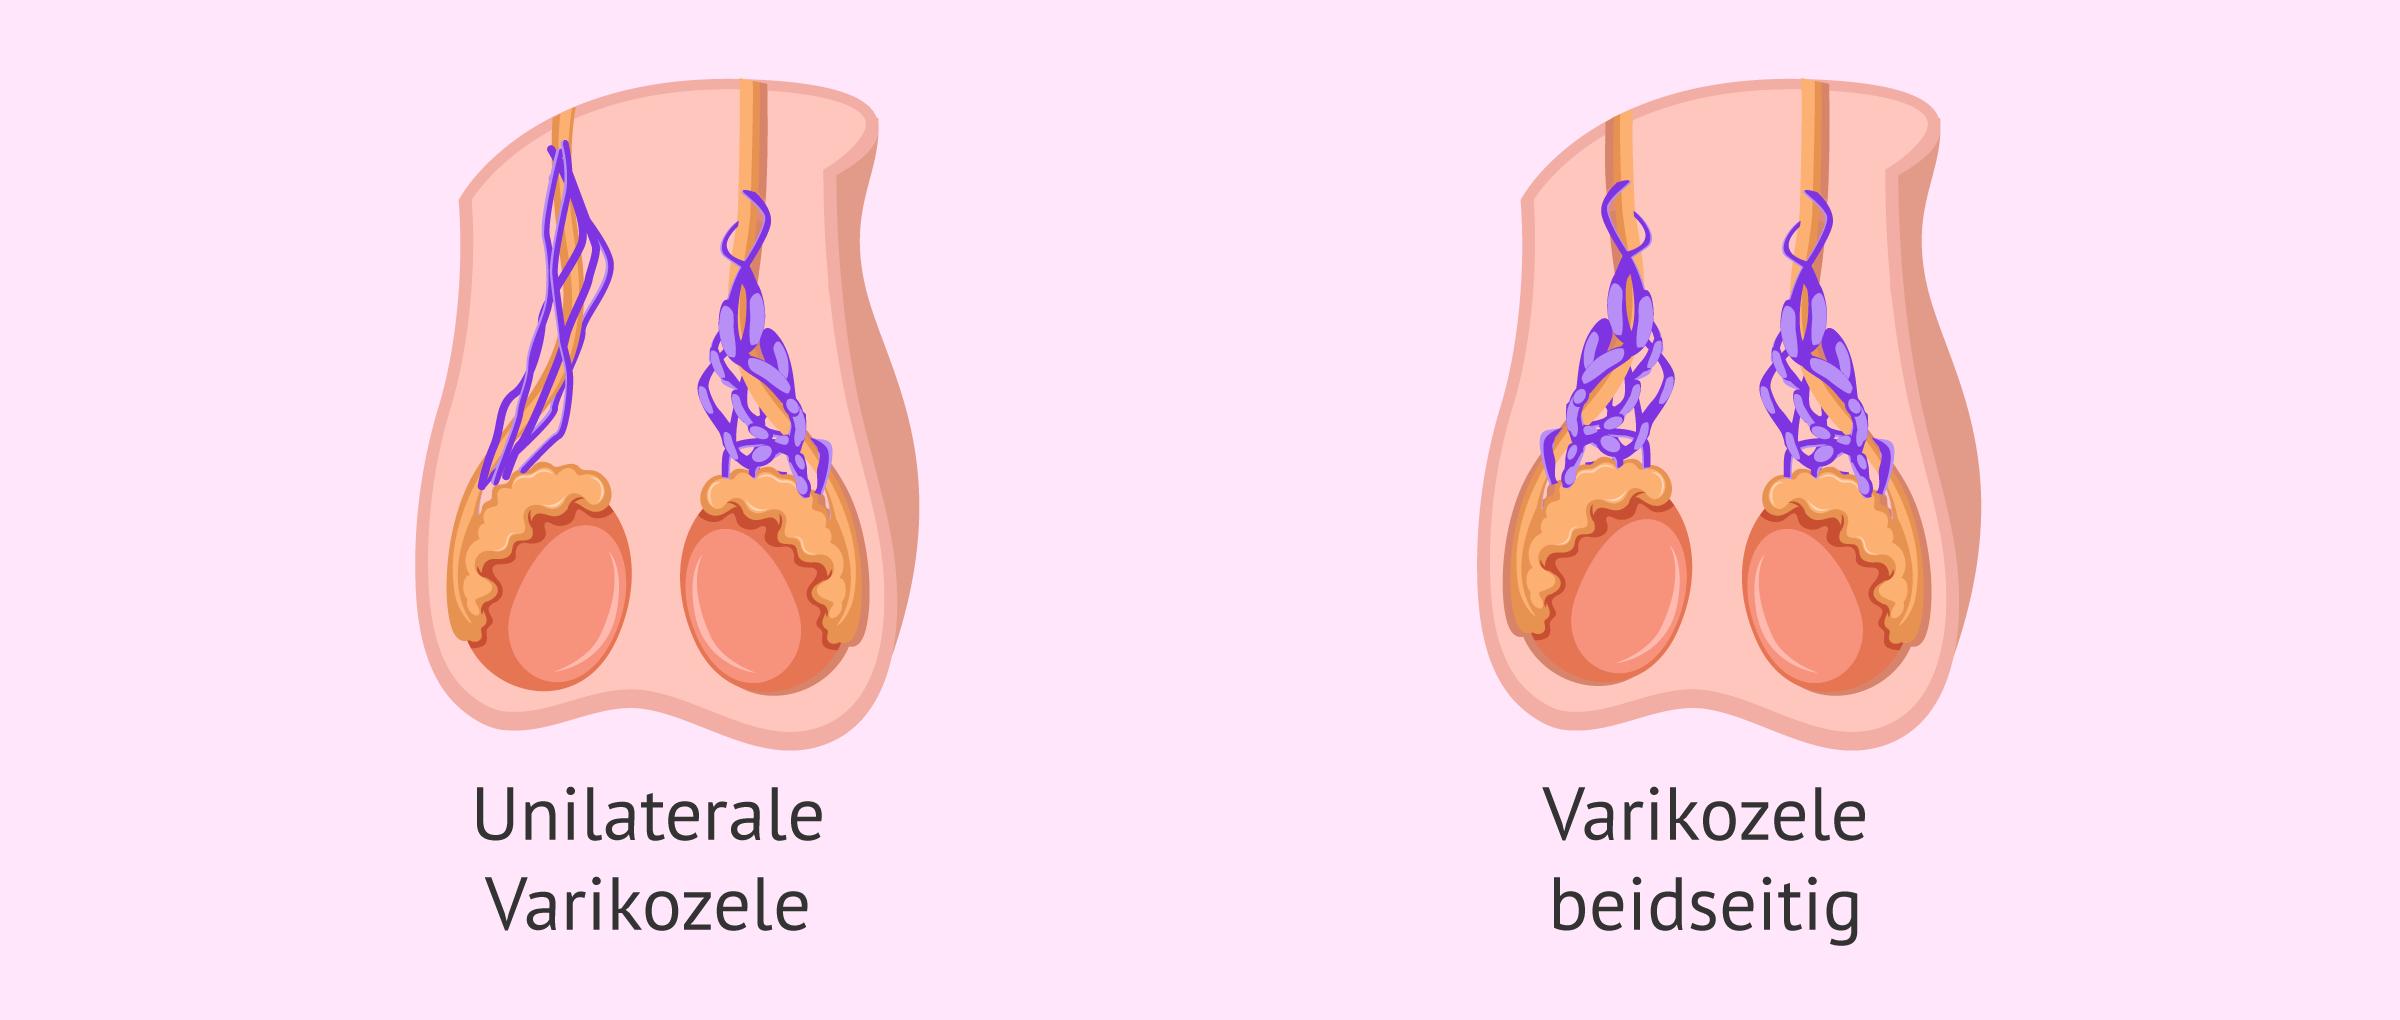 Kann eine Schwangerschaft bei einer Hodenvarikozele erreicht werden?